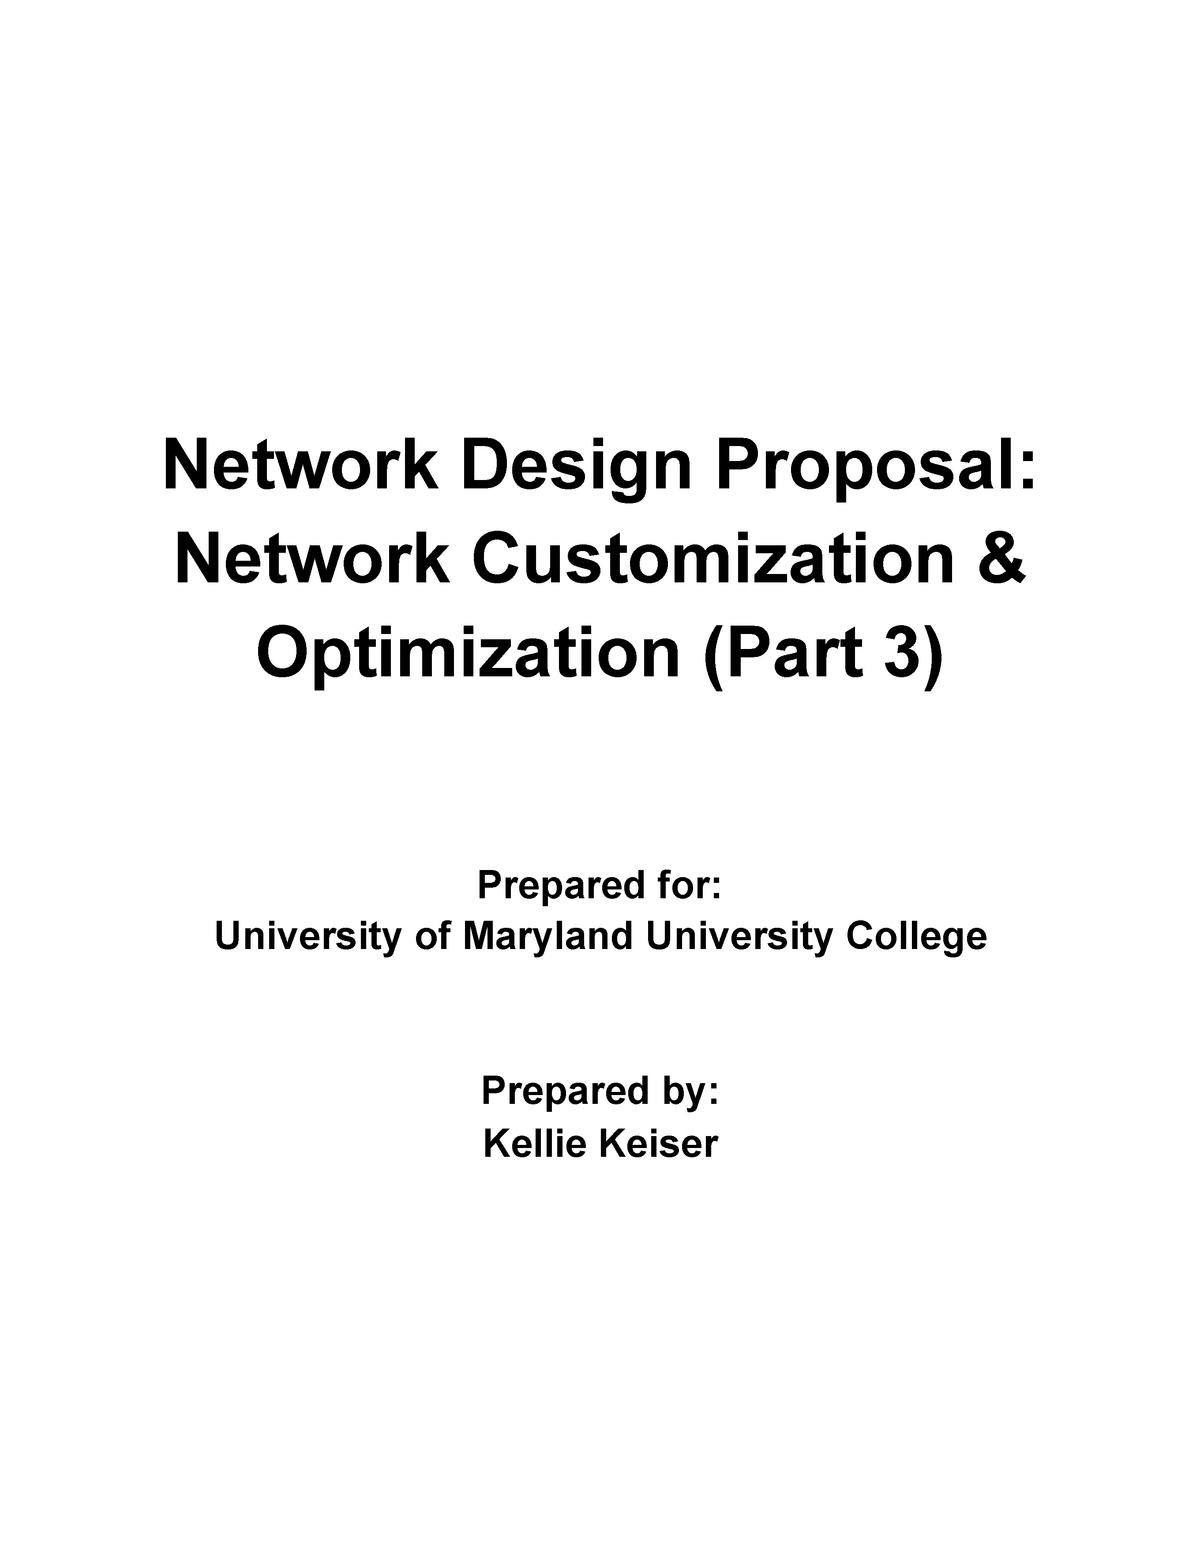 Network Design Proposal Part 3 - CMIT 265 - UMUC - StuDocu